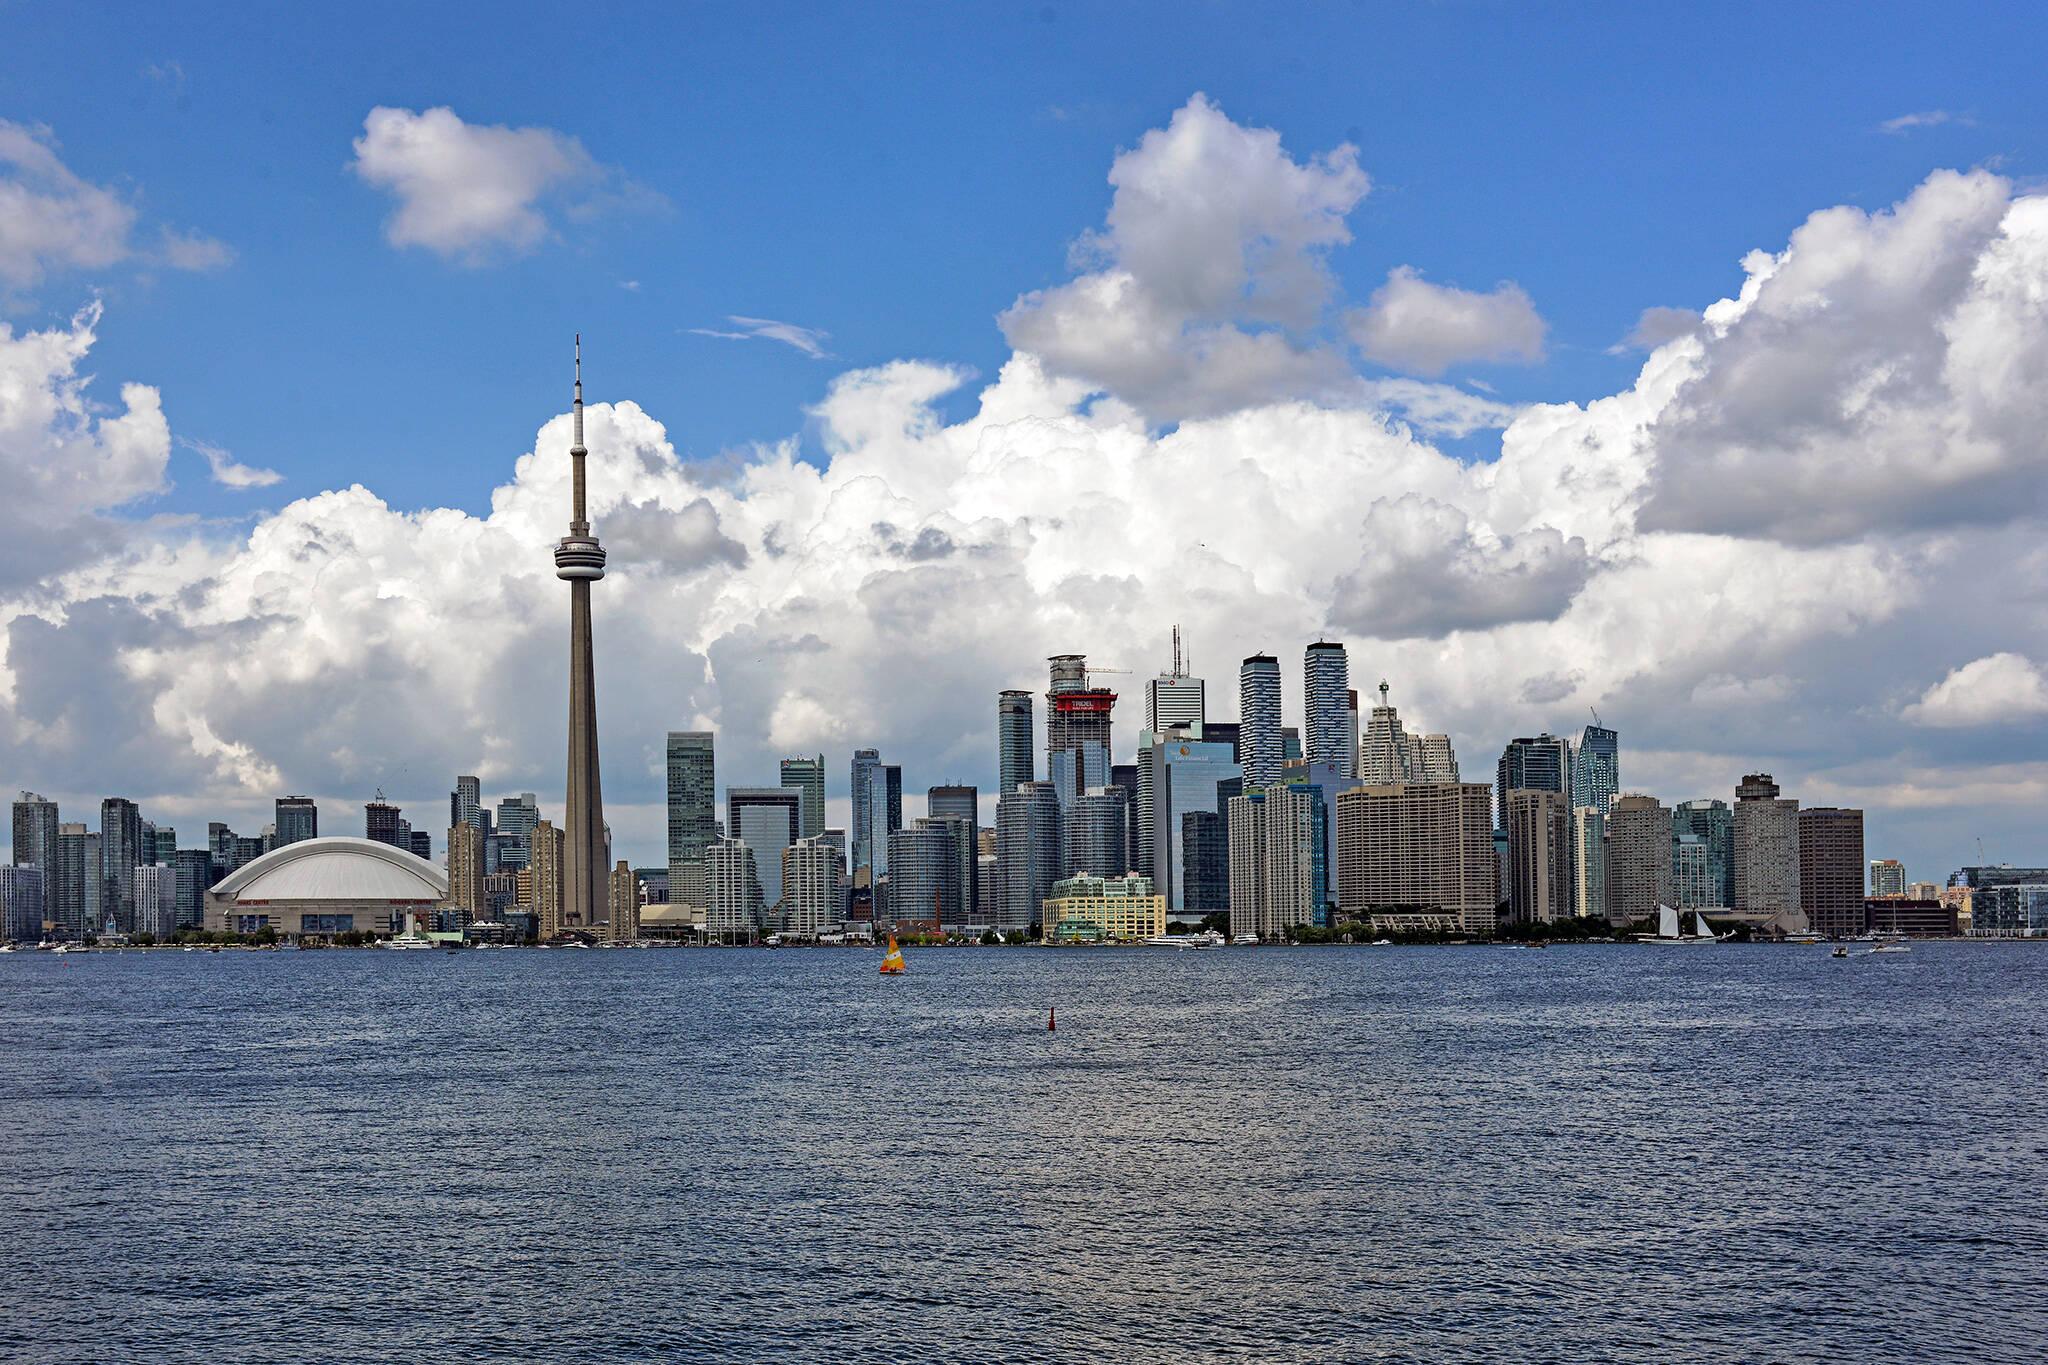 Toronto cliches